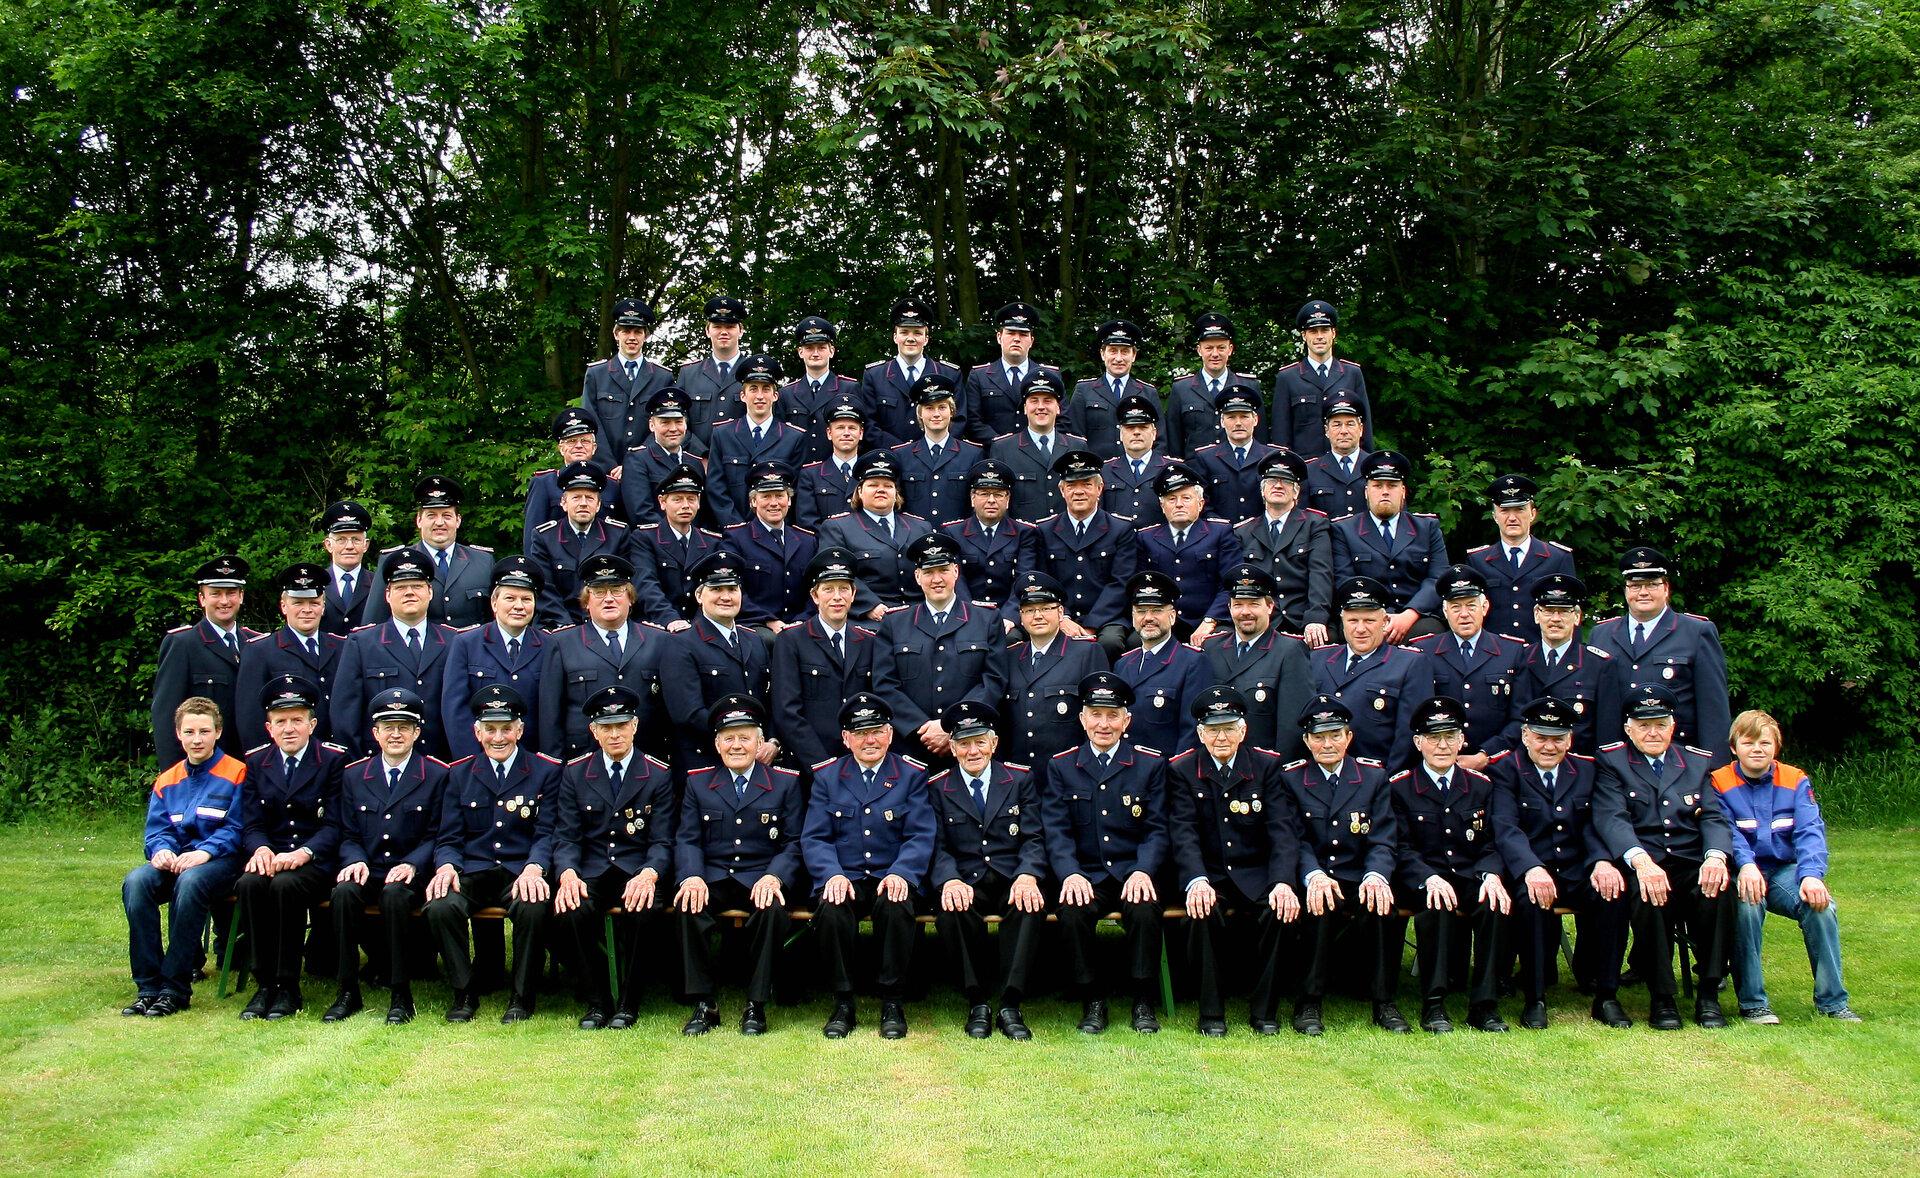 Gruppenfoto zum 60 jährigen Bestehen der Feuerwehr